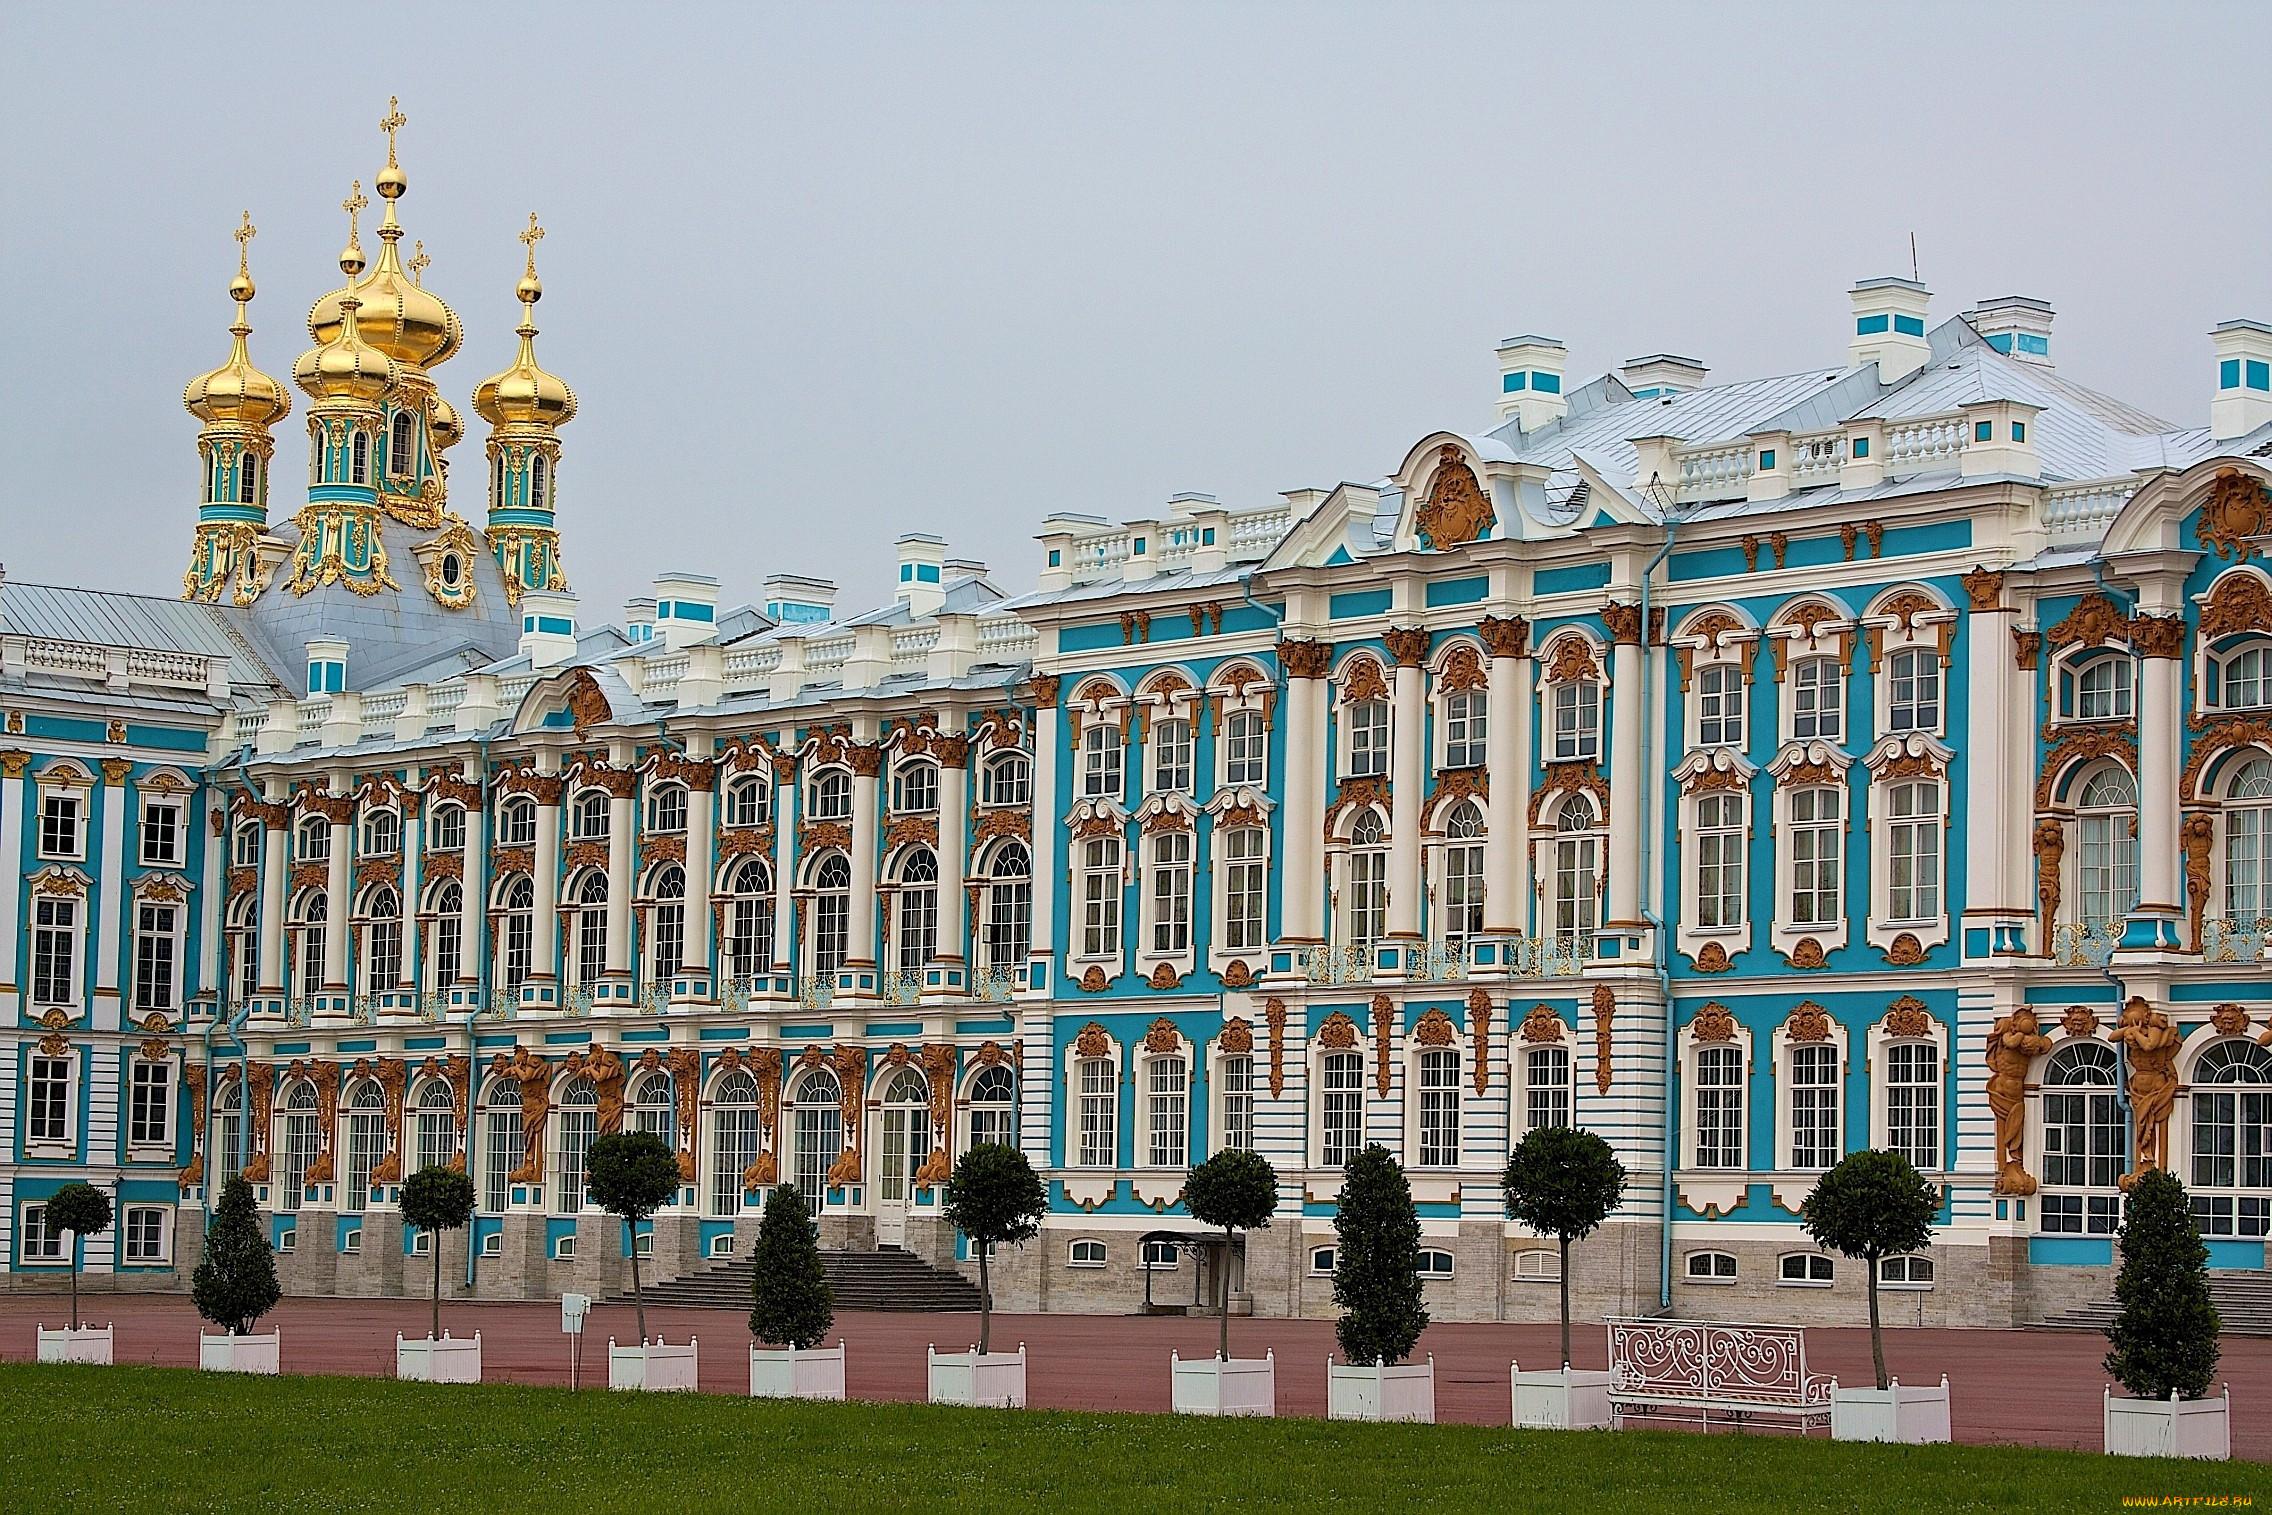 московском доме дворцы россии фото с названиями кабинами прозрачным дном